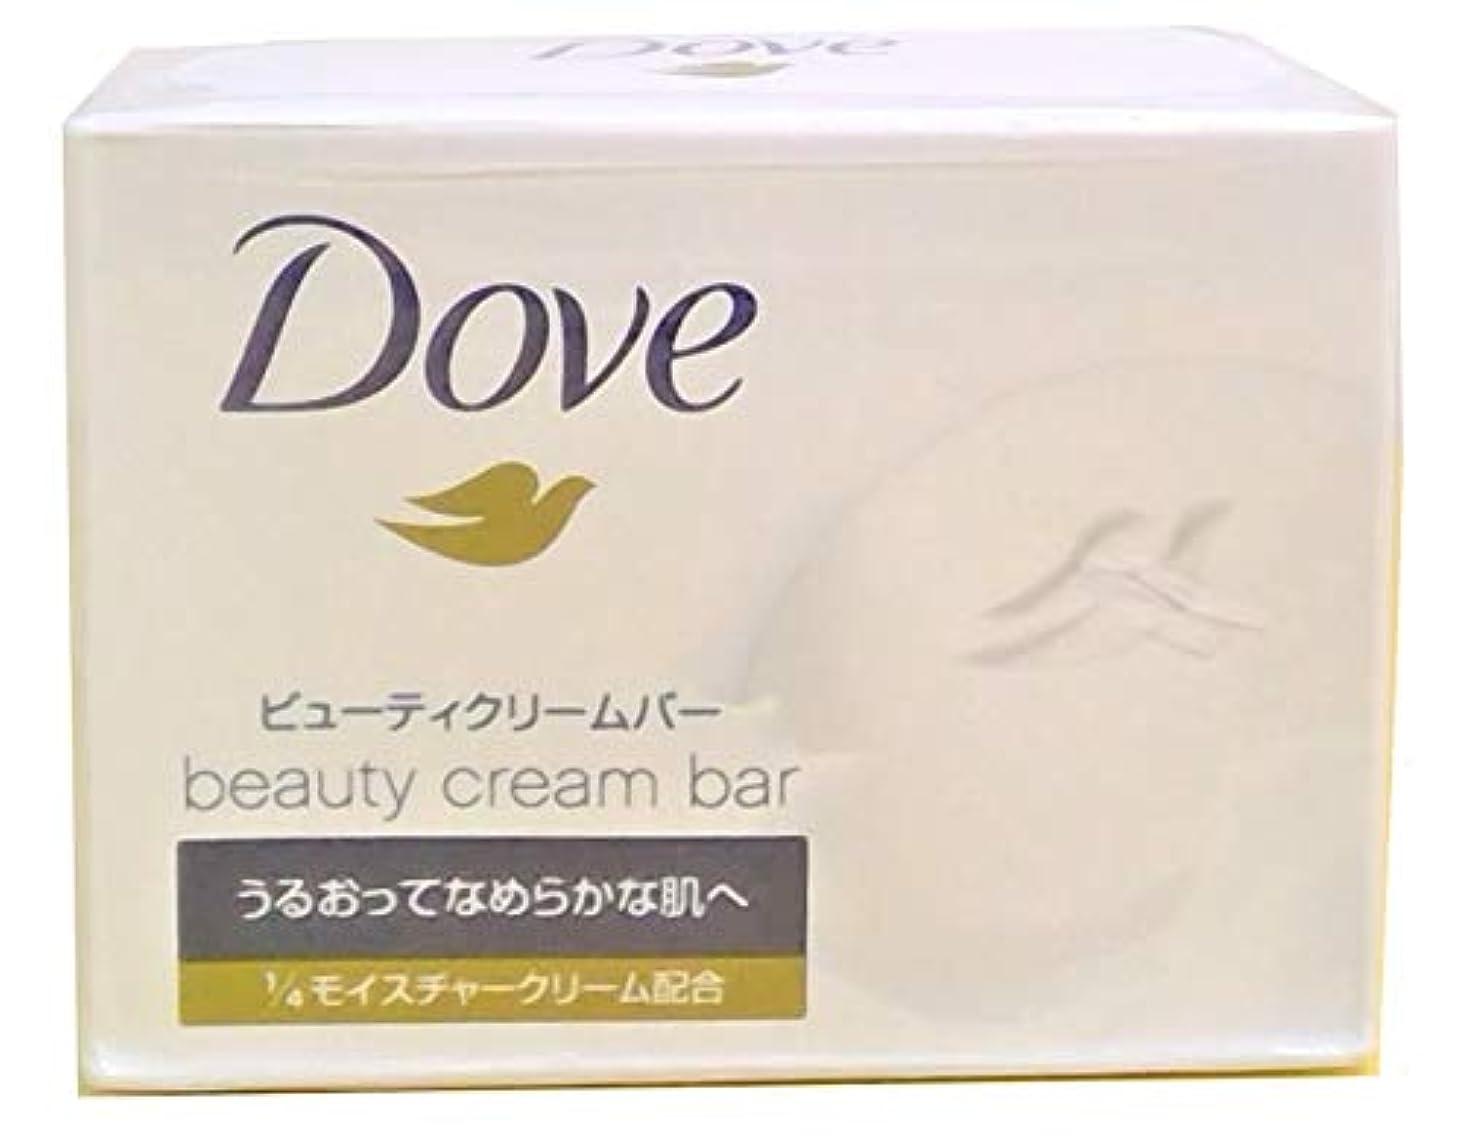 Dove ダヴ ビューティークリームバー ホワイト 1個